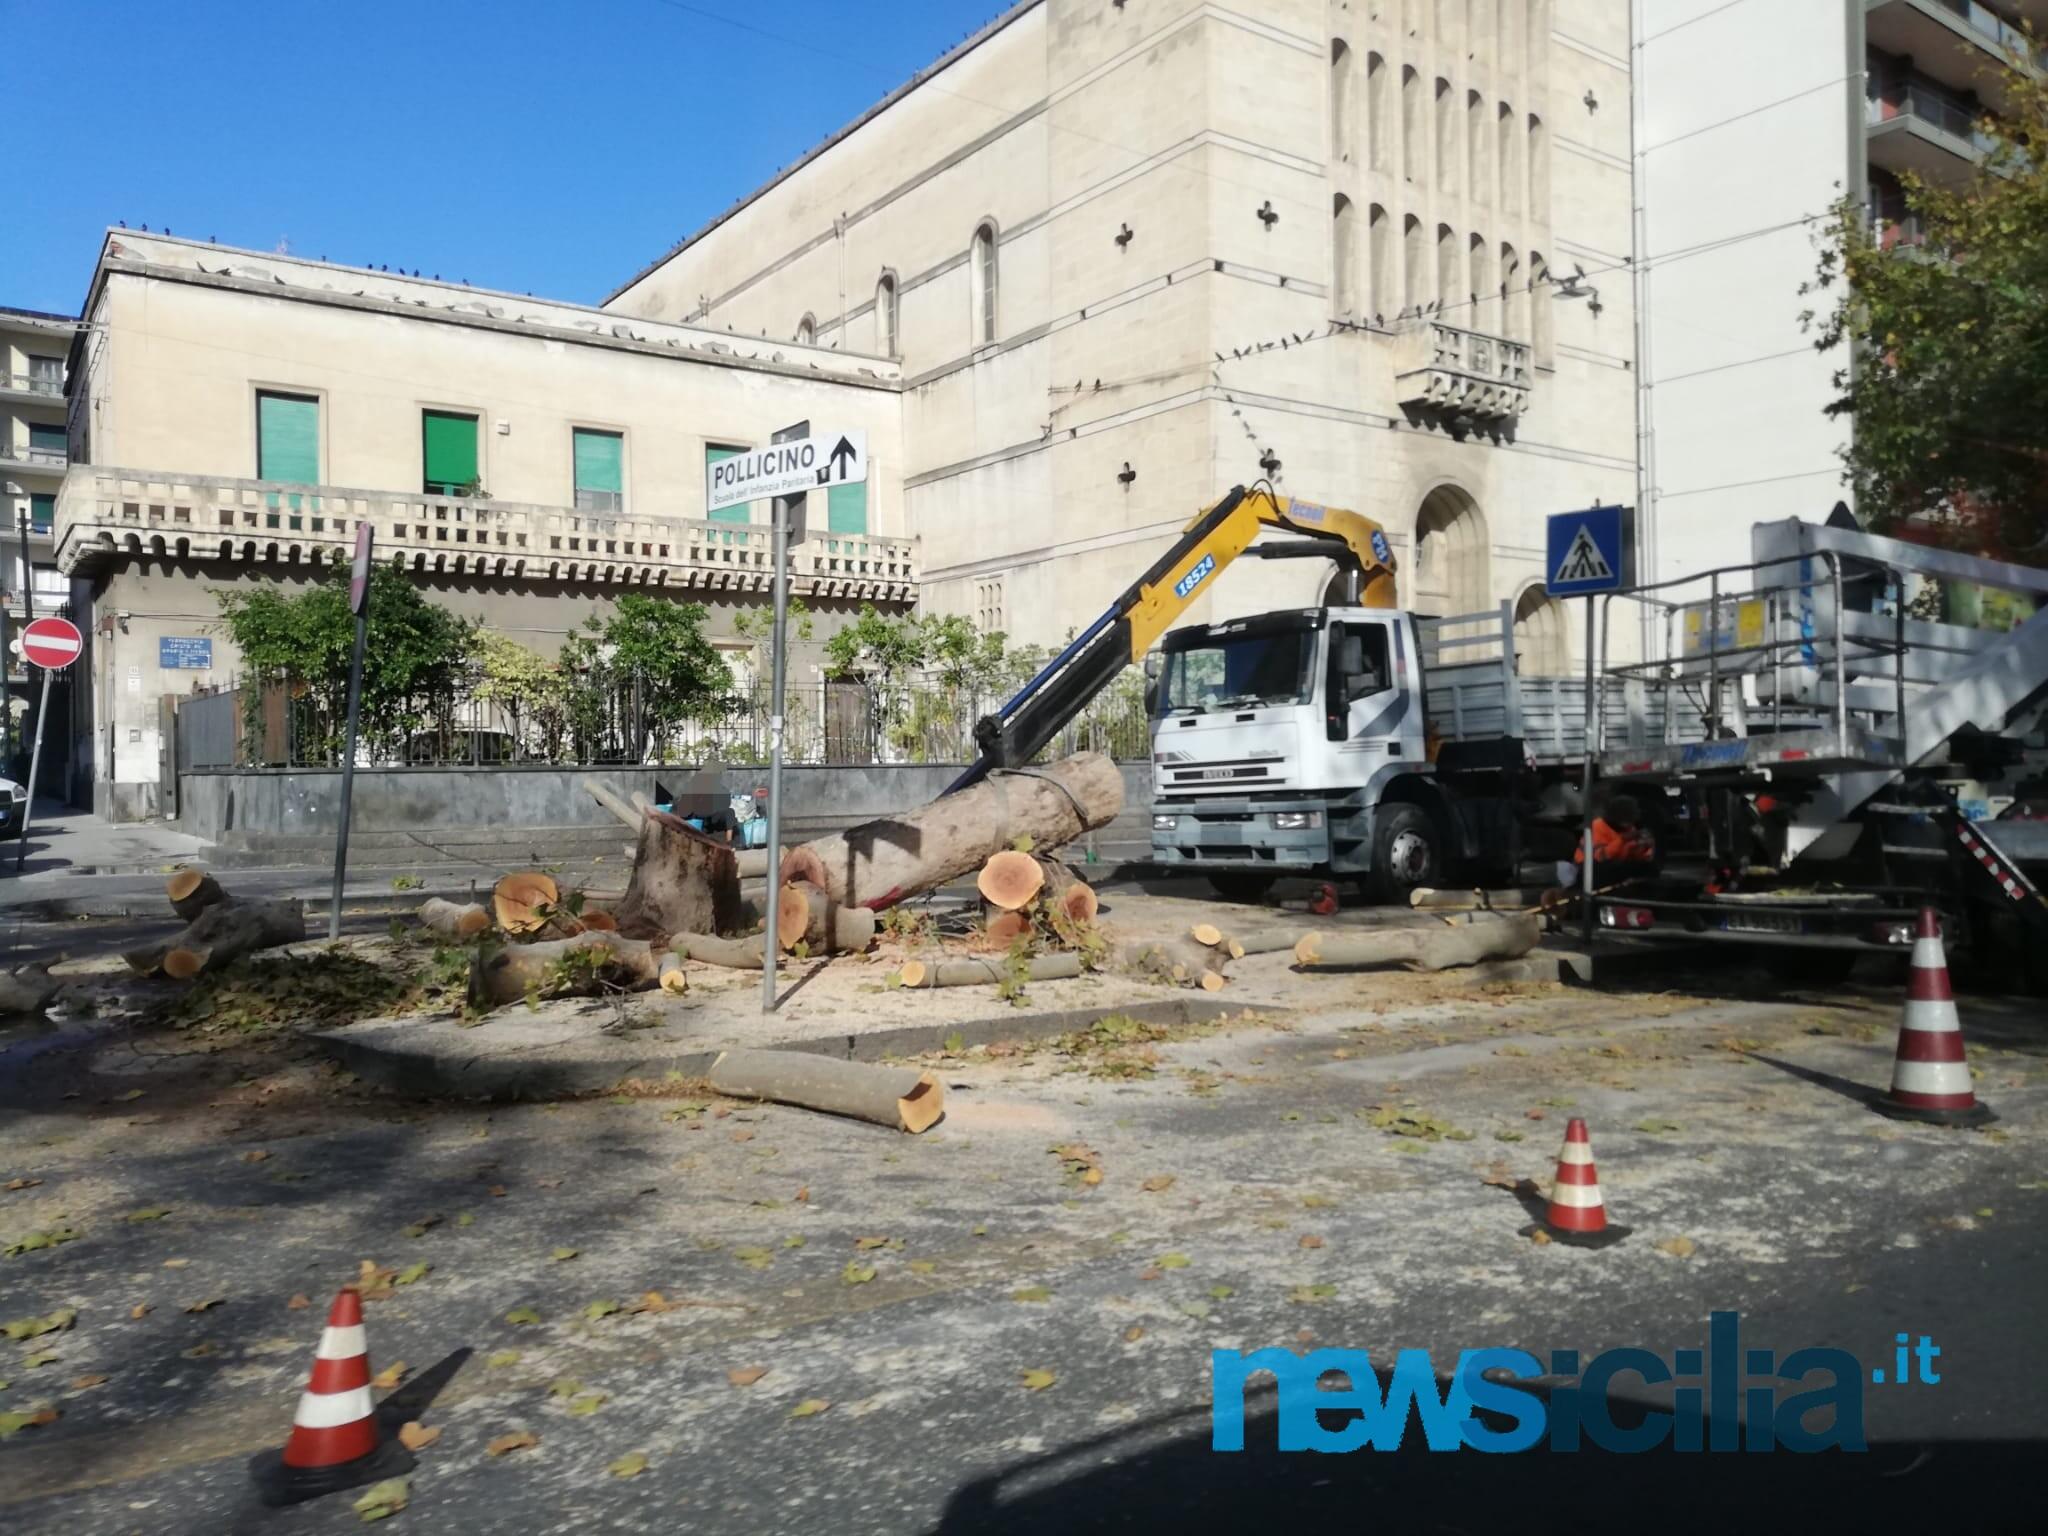 """Catania sempre meno verde? Il """"mistero"""" degli alberi mozzati e la versione di Cantarella: """"È per la sicurezza"""""""